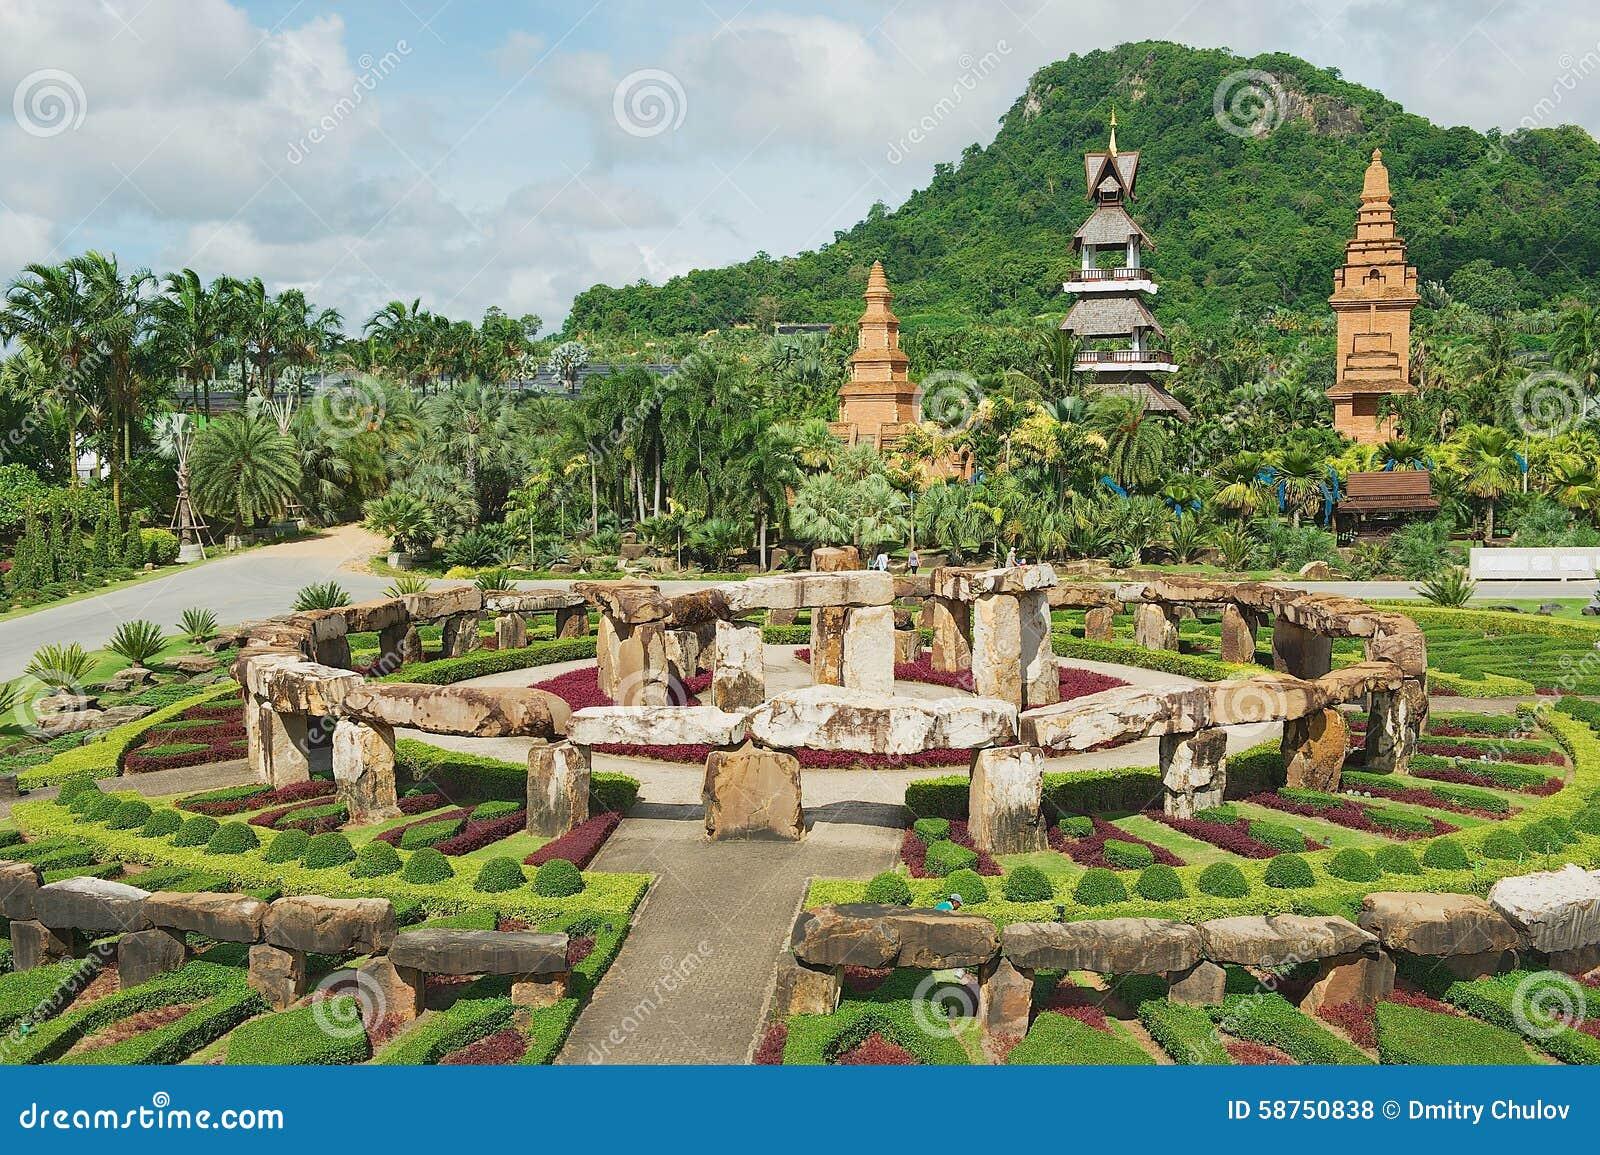 Exterior Of The Nong Nooch Tropical Botanical Garden In ...